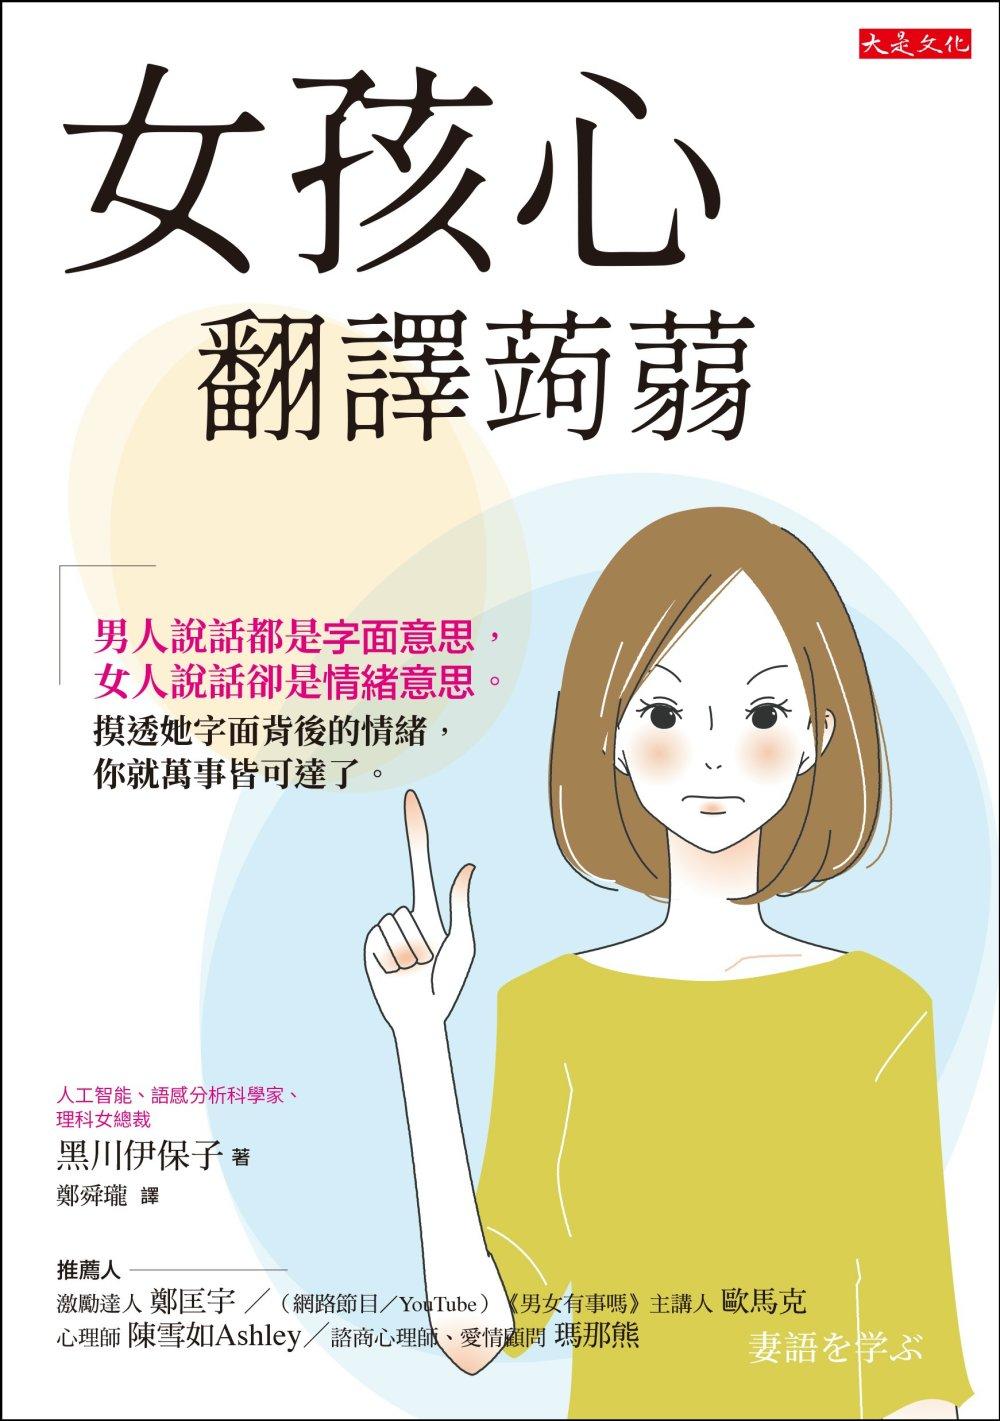 女孩心翻譯蒟蒻:男人說話都是字...